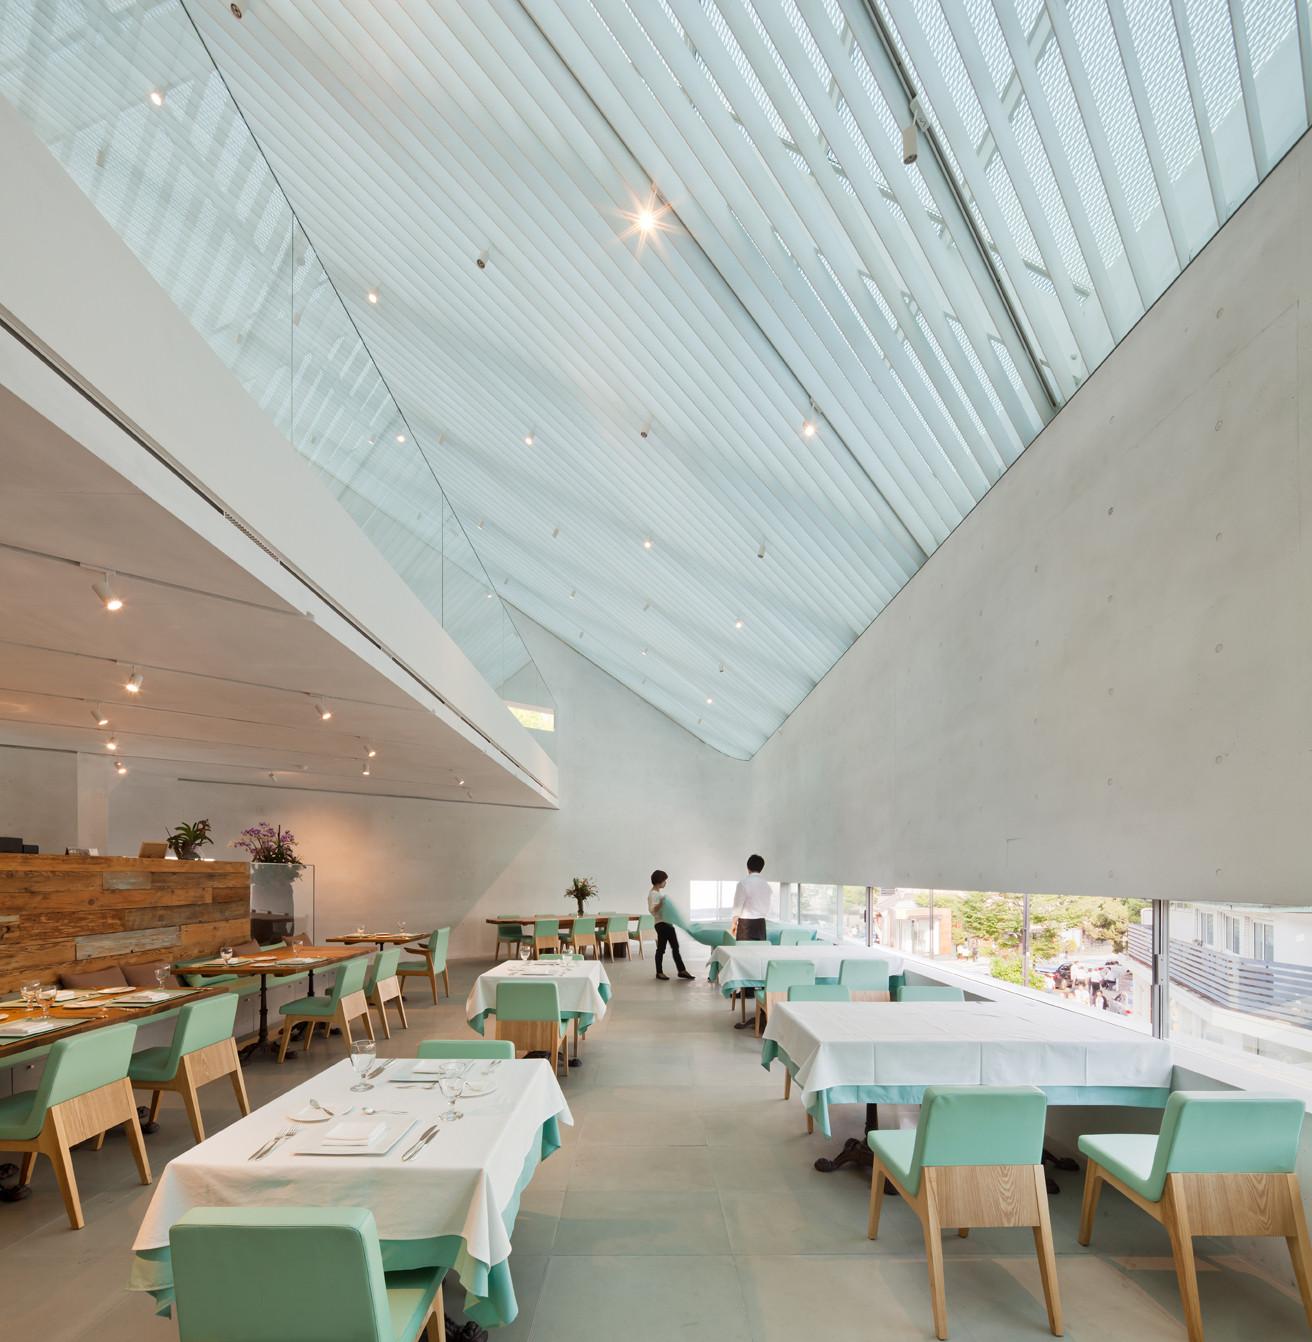 Songwon Art Center / Mass Studies